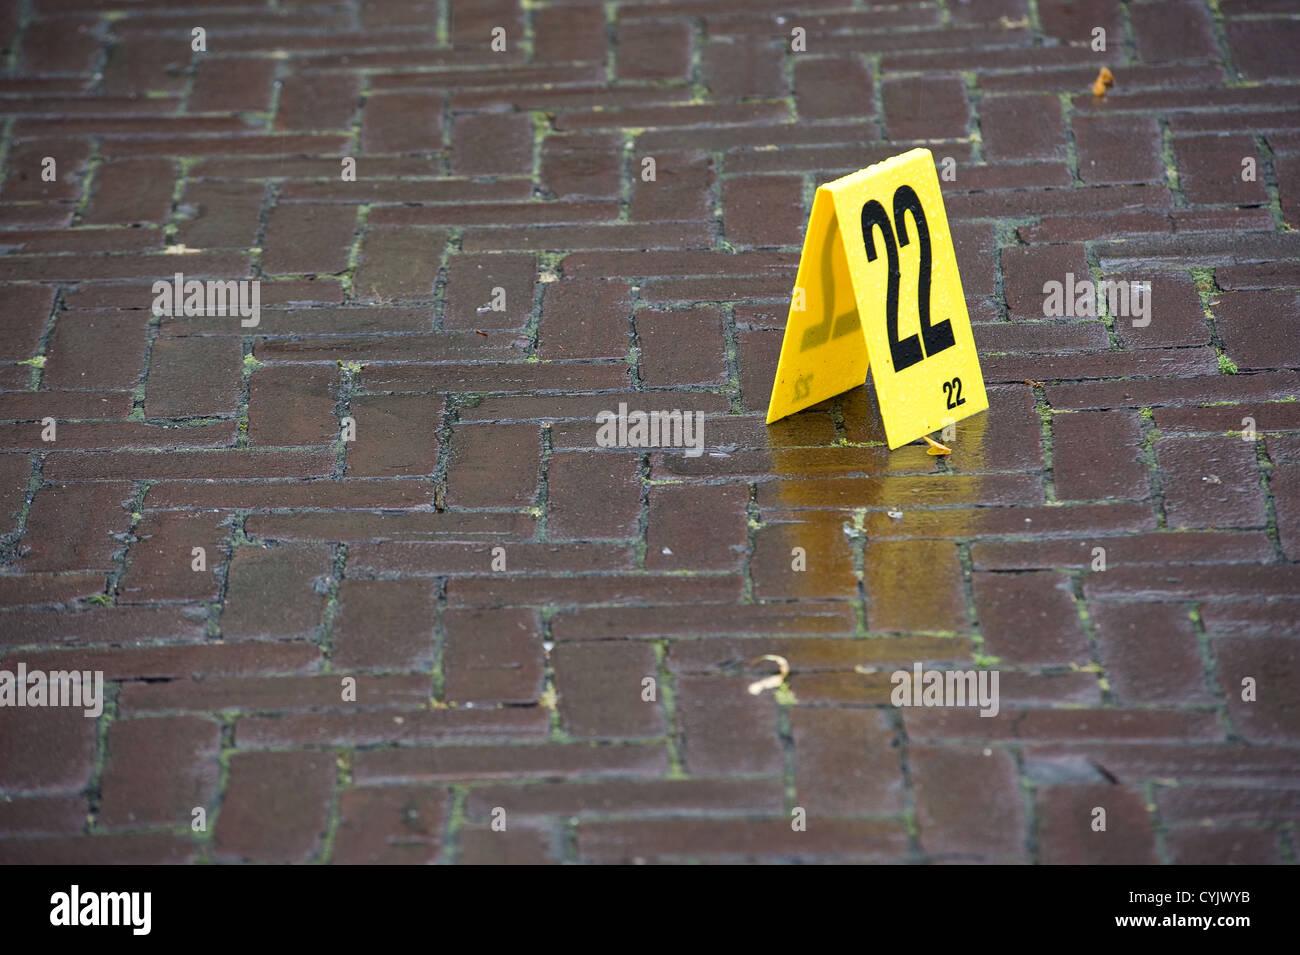 Beweis ist mit einer Reihe an einem Tatort markiert. Stockbild